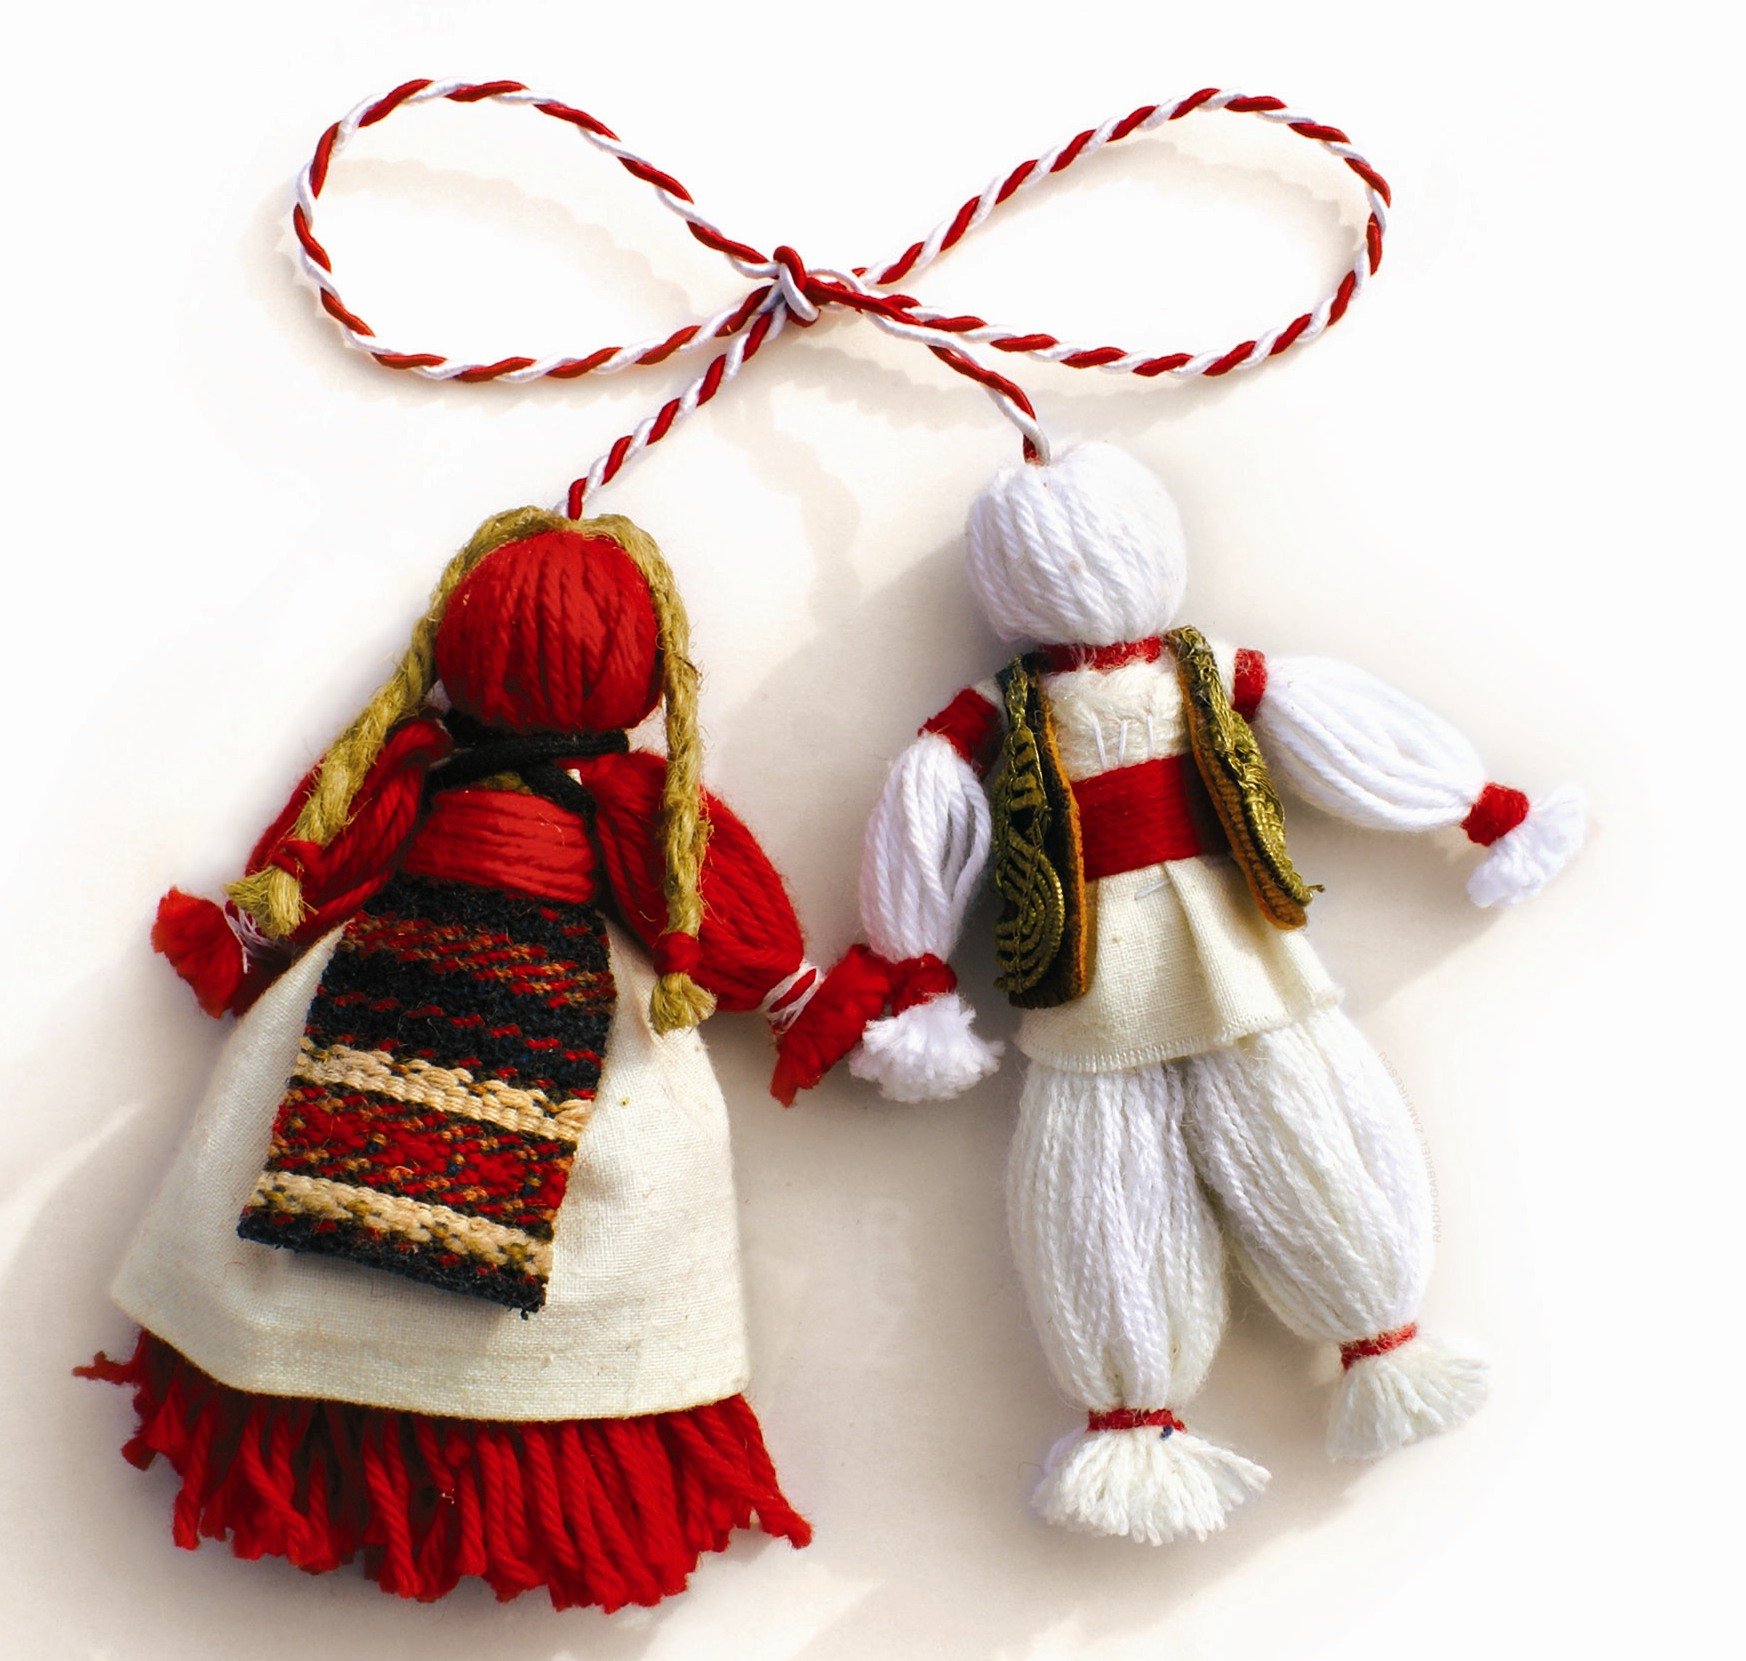 Semnificatia martisorului - Ce inseamna, tradiții, obiceiuri